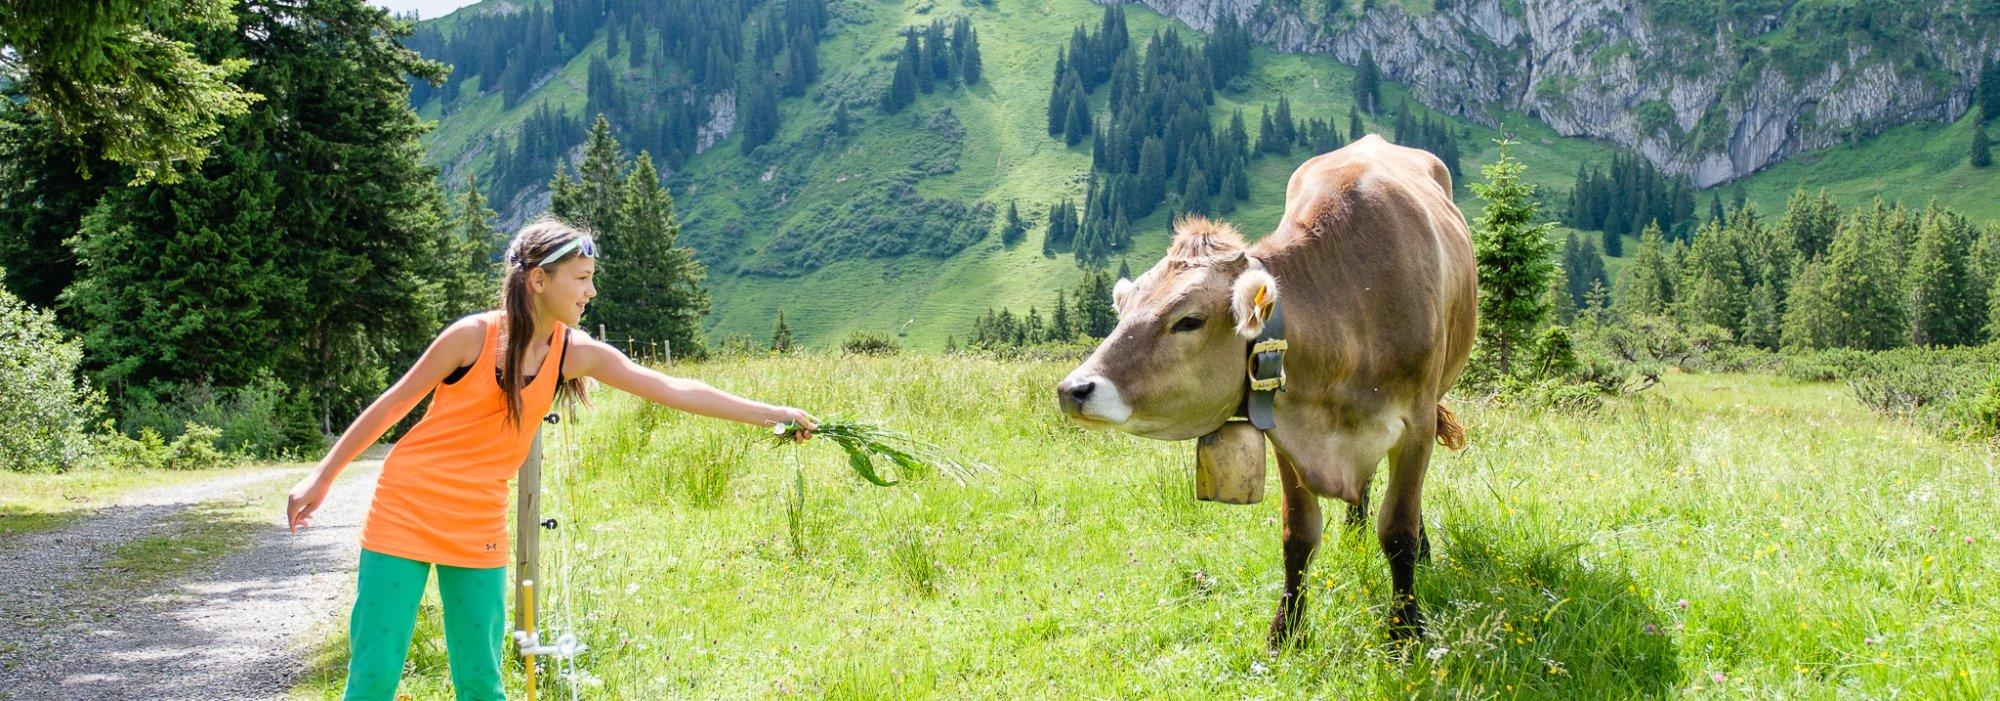 Angebote & Arrangements im Biohotel im Allgäu | Wandern, Wellness & Skiurlaub im Allgäu